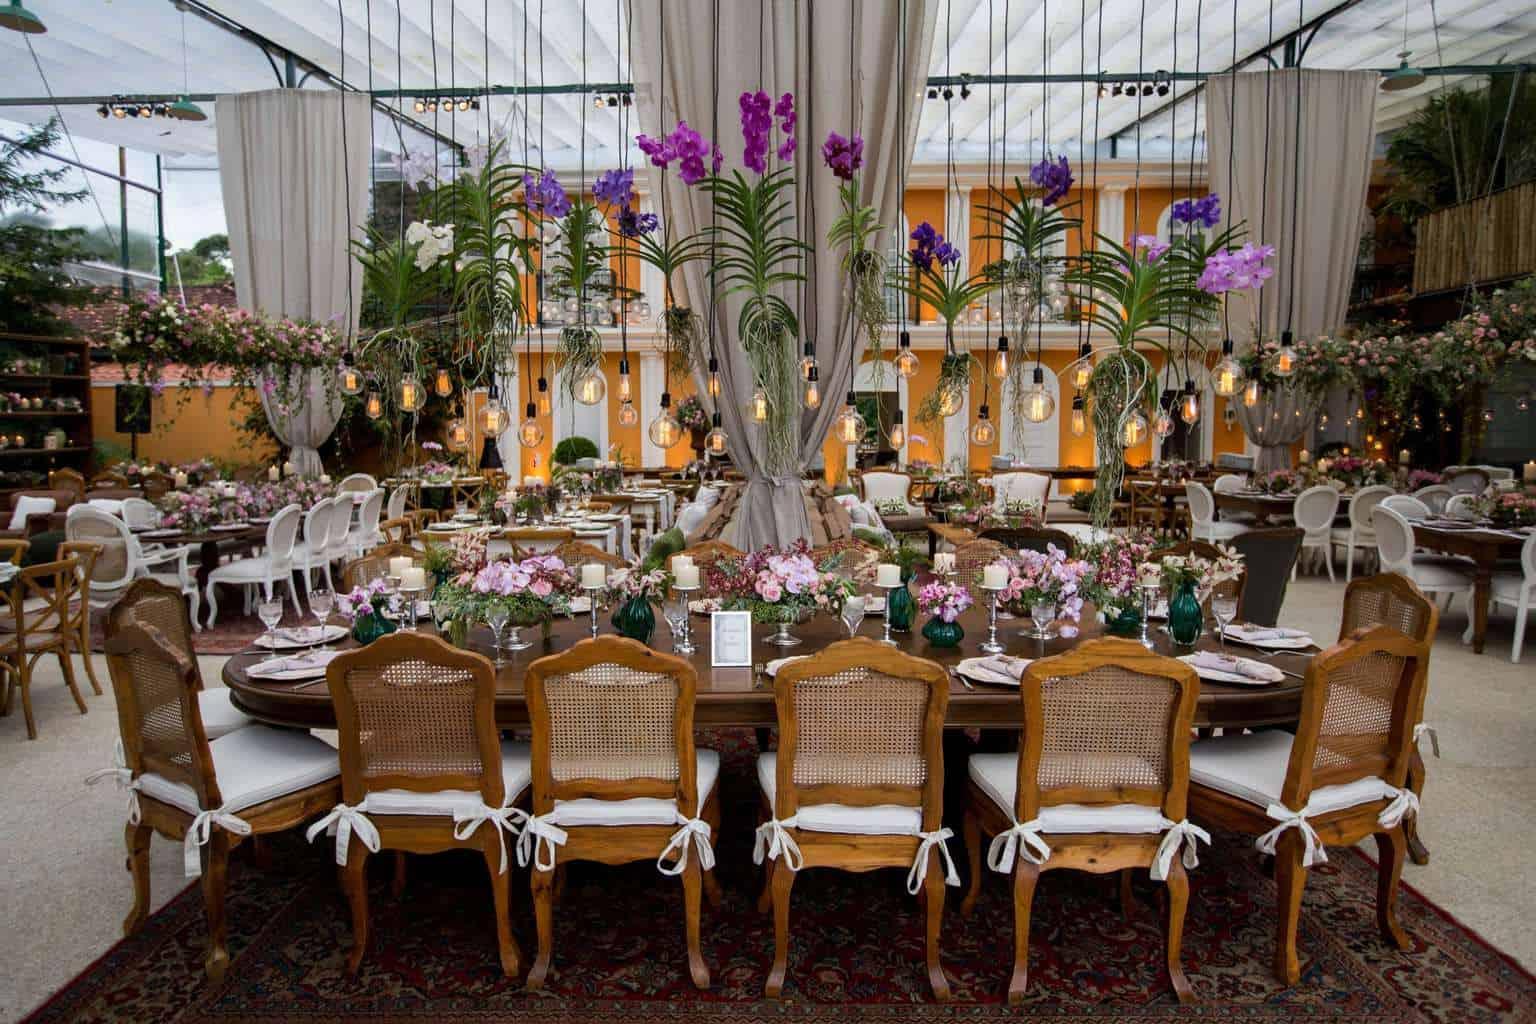 Andrea-Kapps-casamento-de-dia-casamento-na-serra-casamento-romântico-casamento-tradicional-decor-festa-decoração-Locanda-de-La-Mimosa-rosa-e-lilás-casamento-17